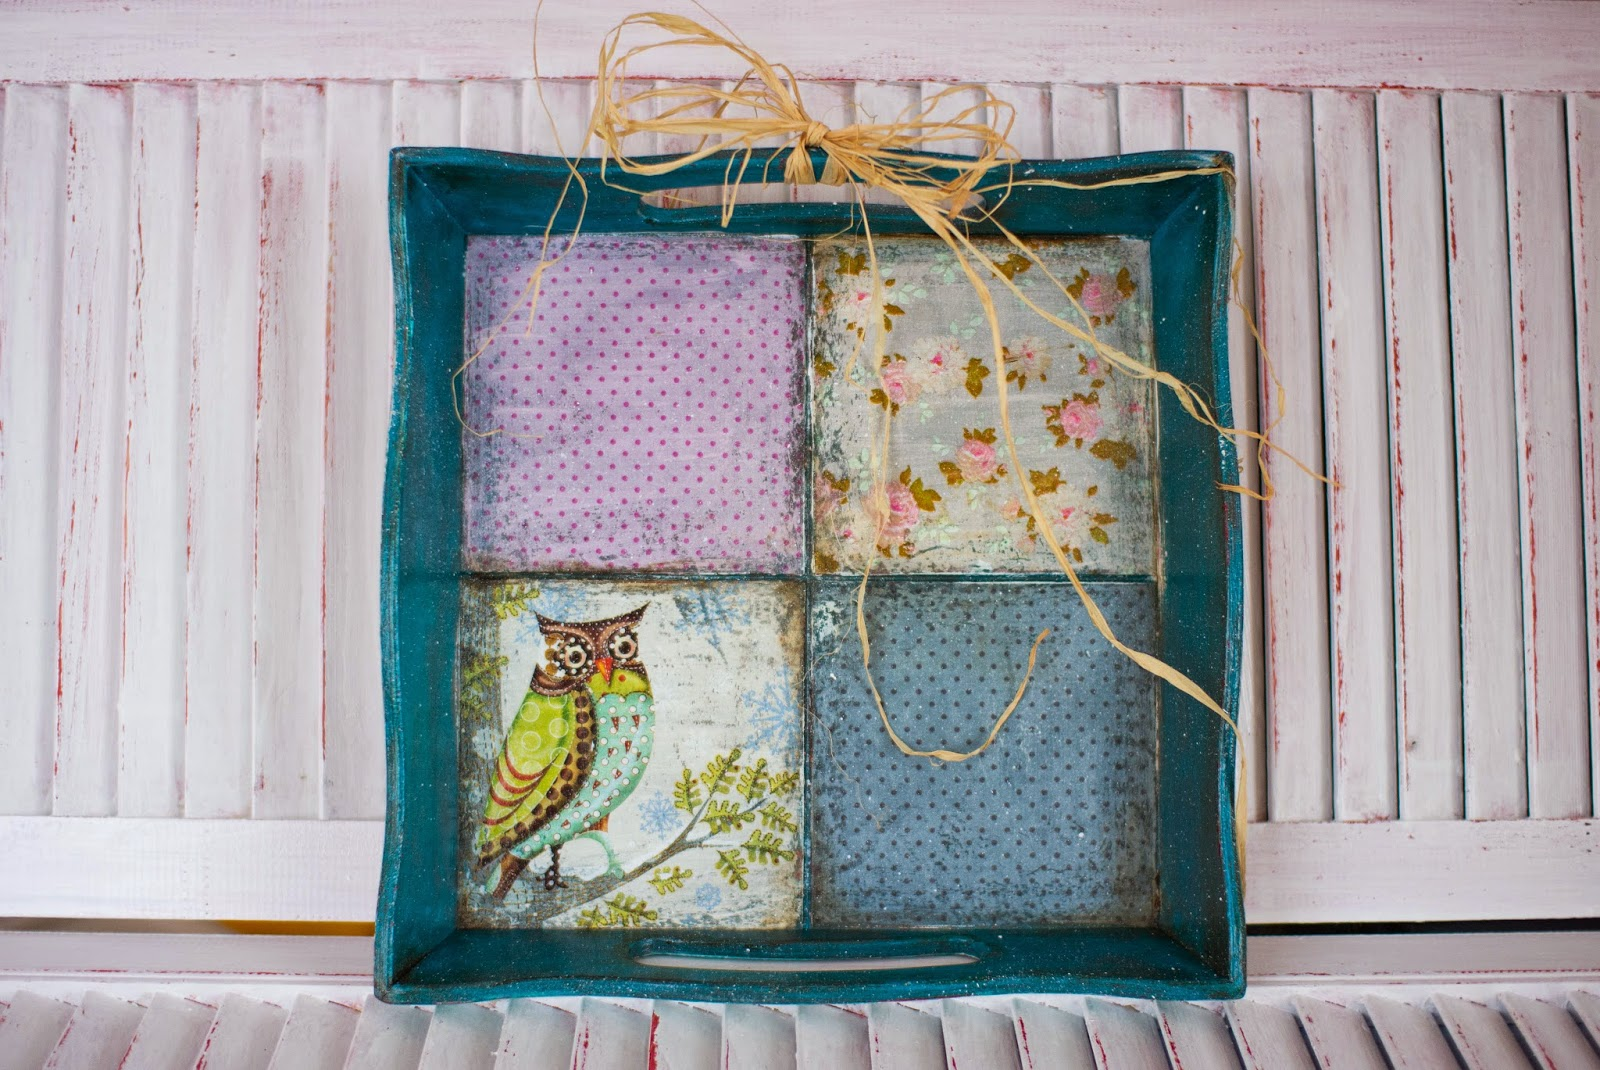 Сова, owl, короб для специй, чайки, море, звезды, потертости, милота